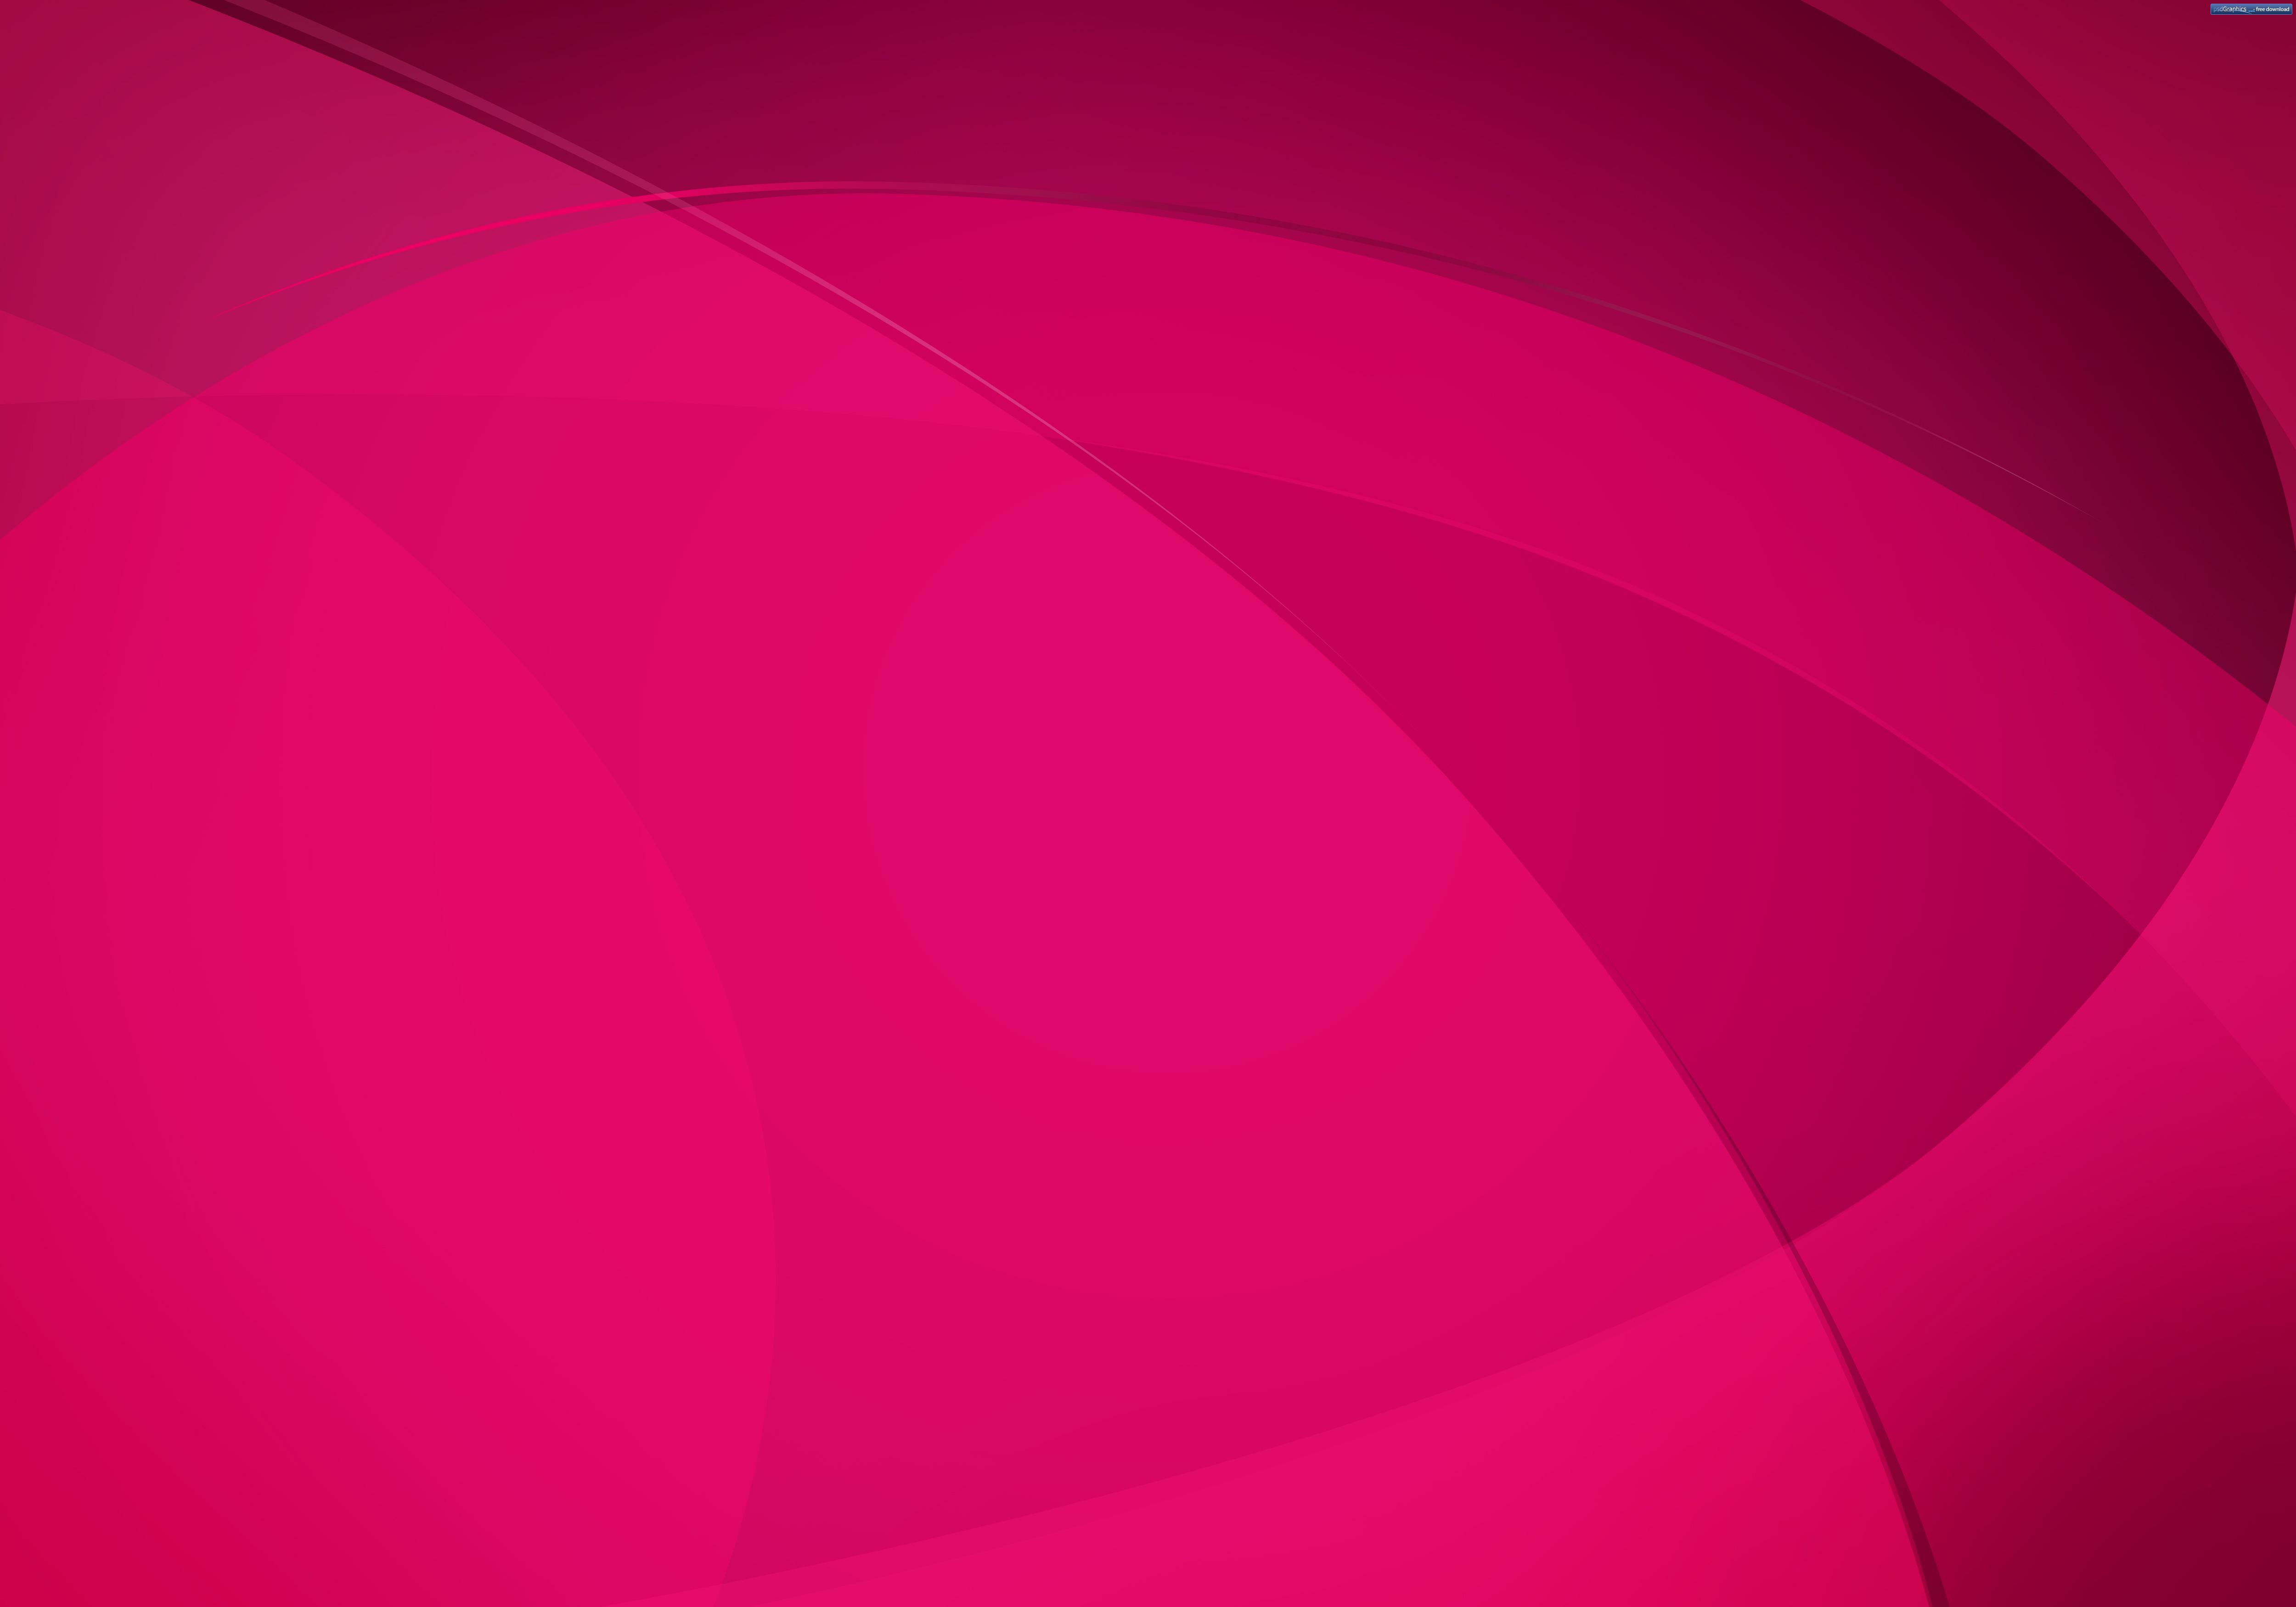 Pink Background Images - WallpaperSafari